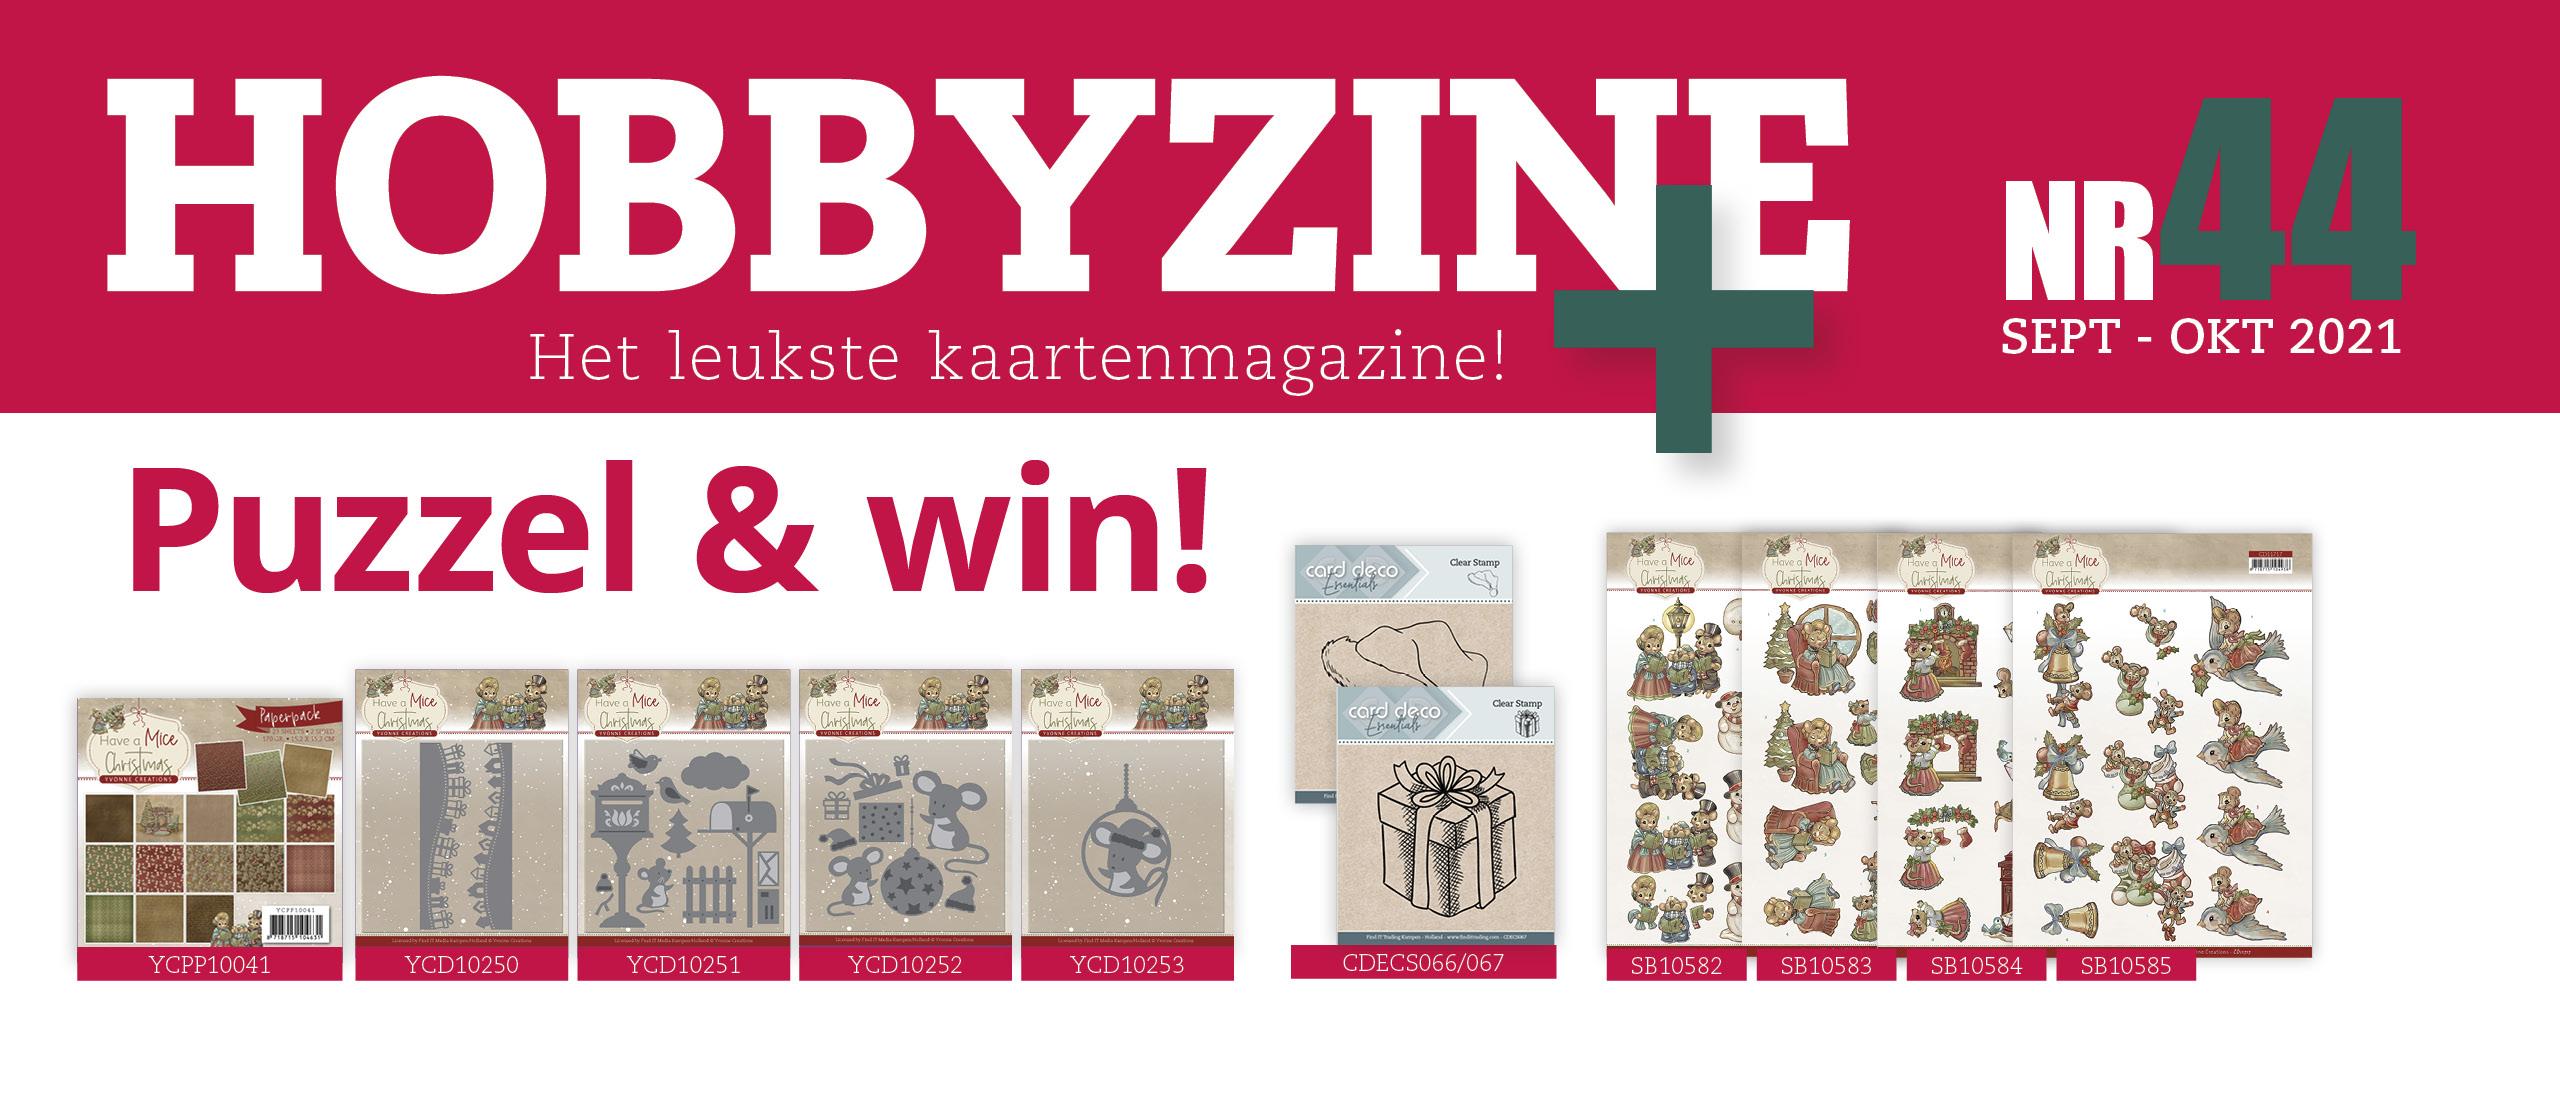 Puzzelprijzen winnen met Hobbyzine Plus #44